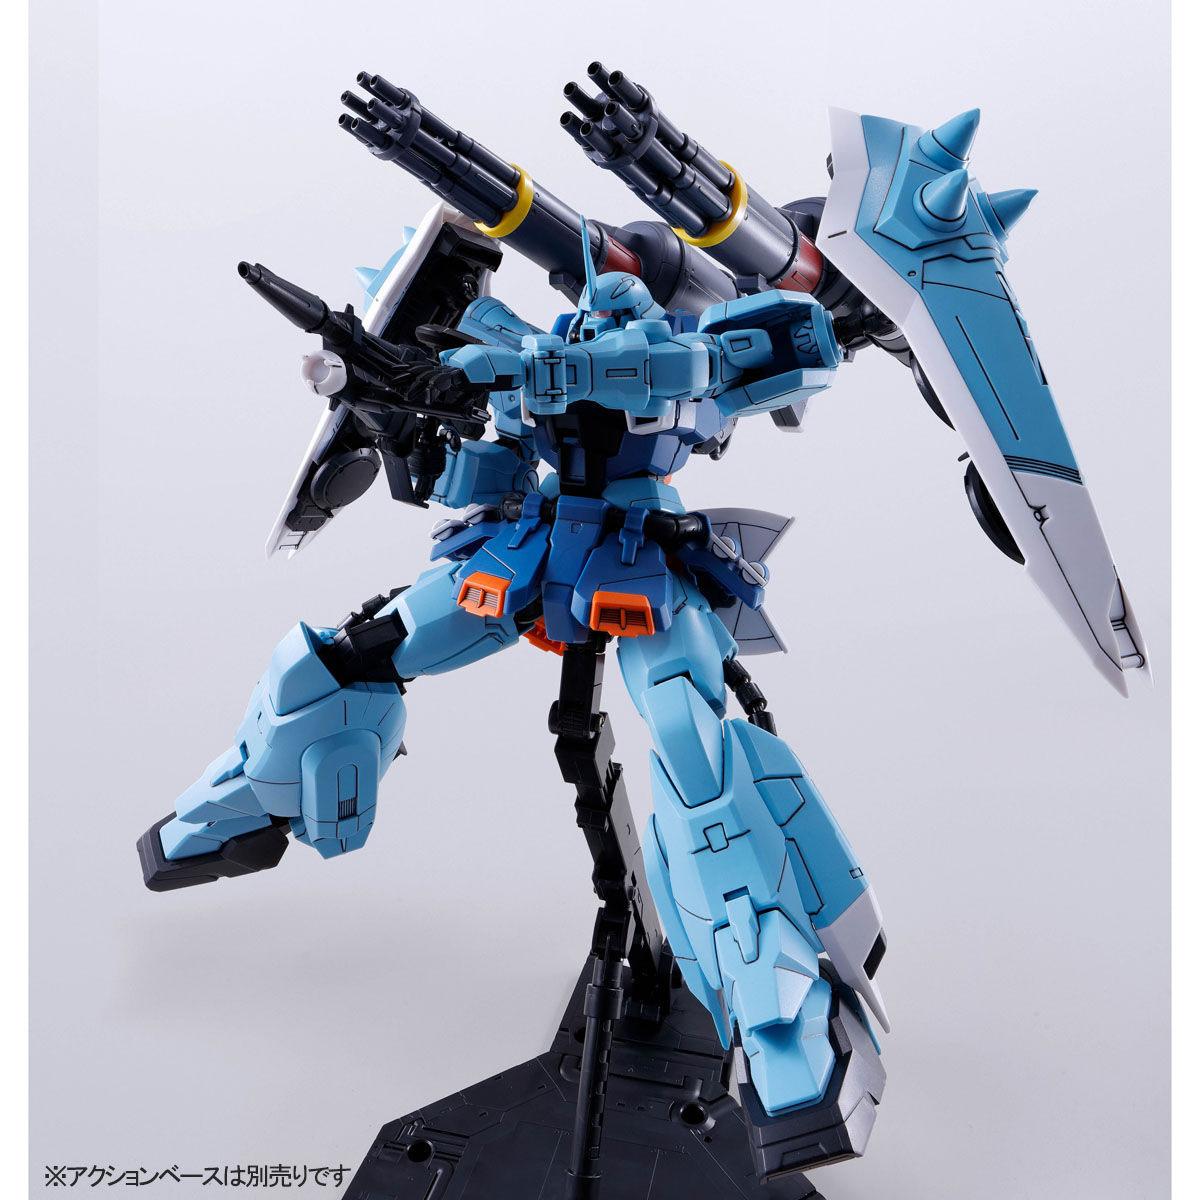 【限定販売】MG 1/100『スラッシュザクファントム(イザーク・ジュール専用機)』プラモデル-008